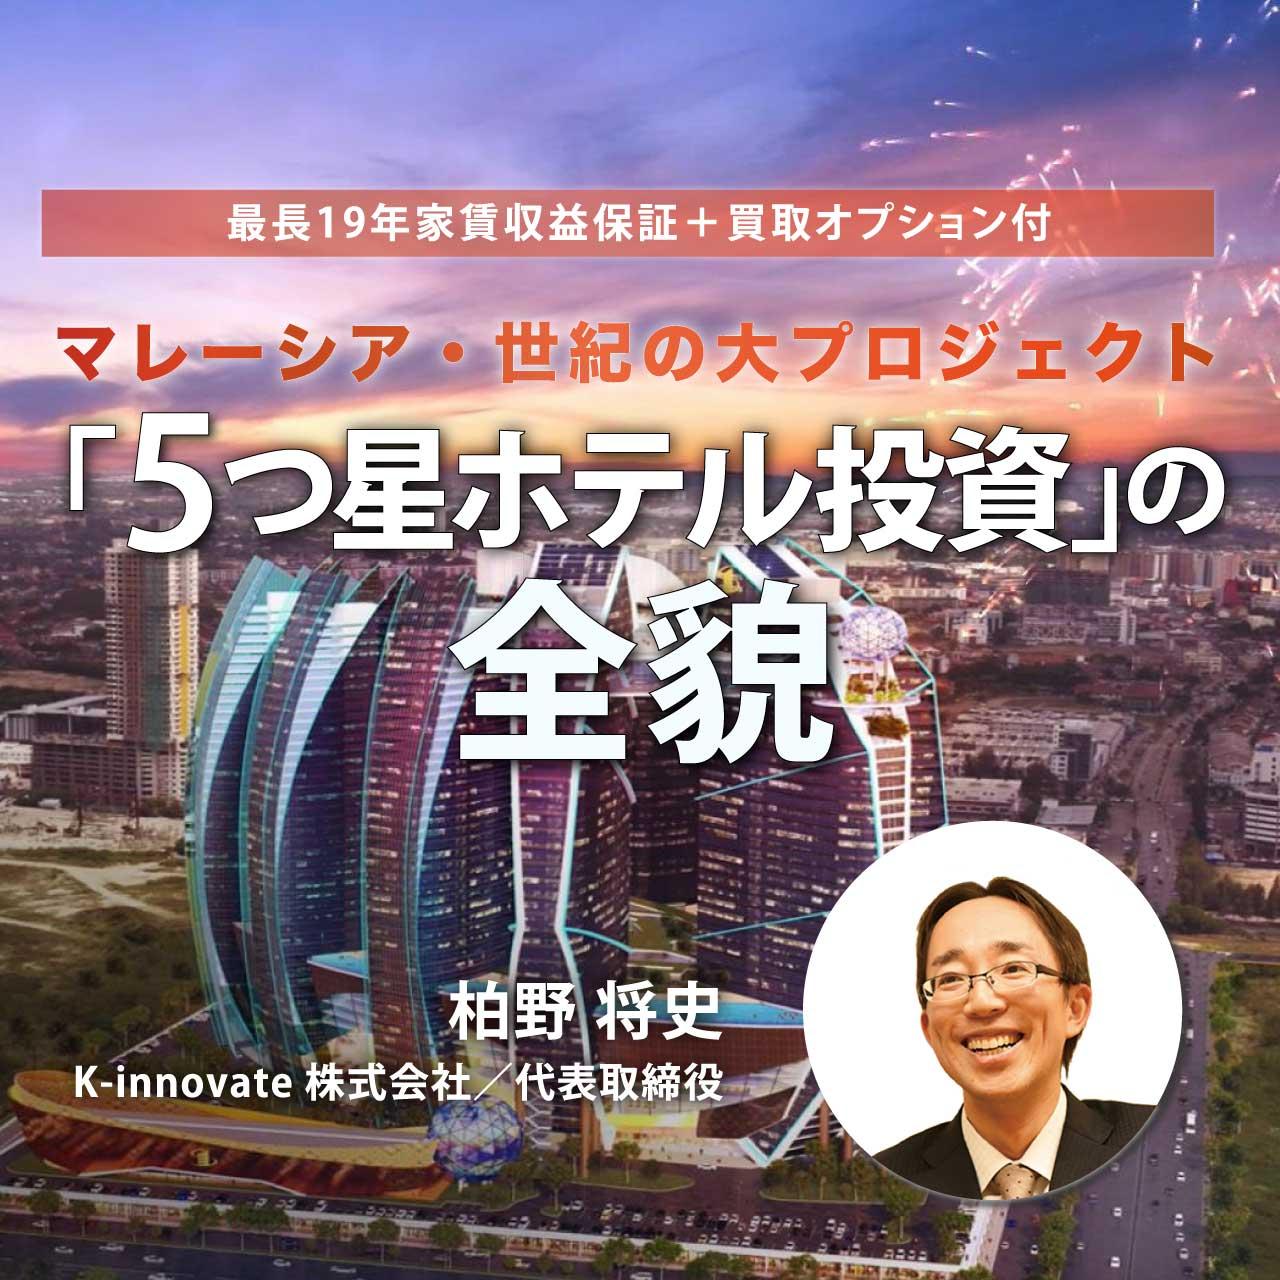 【※オンライン開催(LIVE配信)】最長19年家賃収益保証+買取オプション付マレーシア・世紀の大プロジェクト「5つ星ホテル投資」の全貌